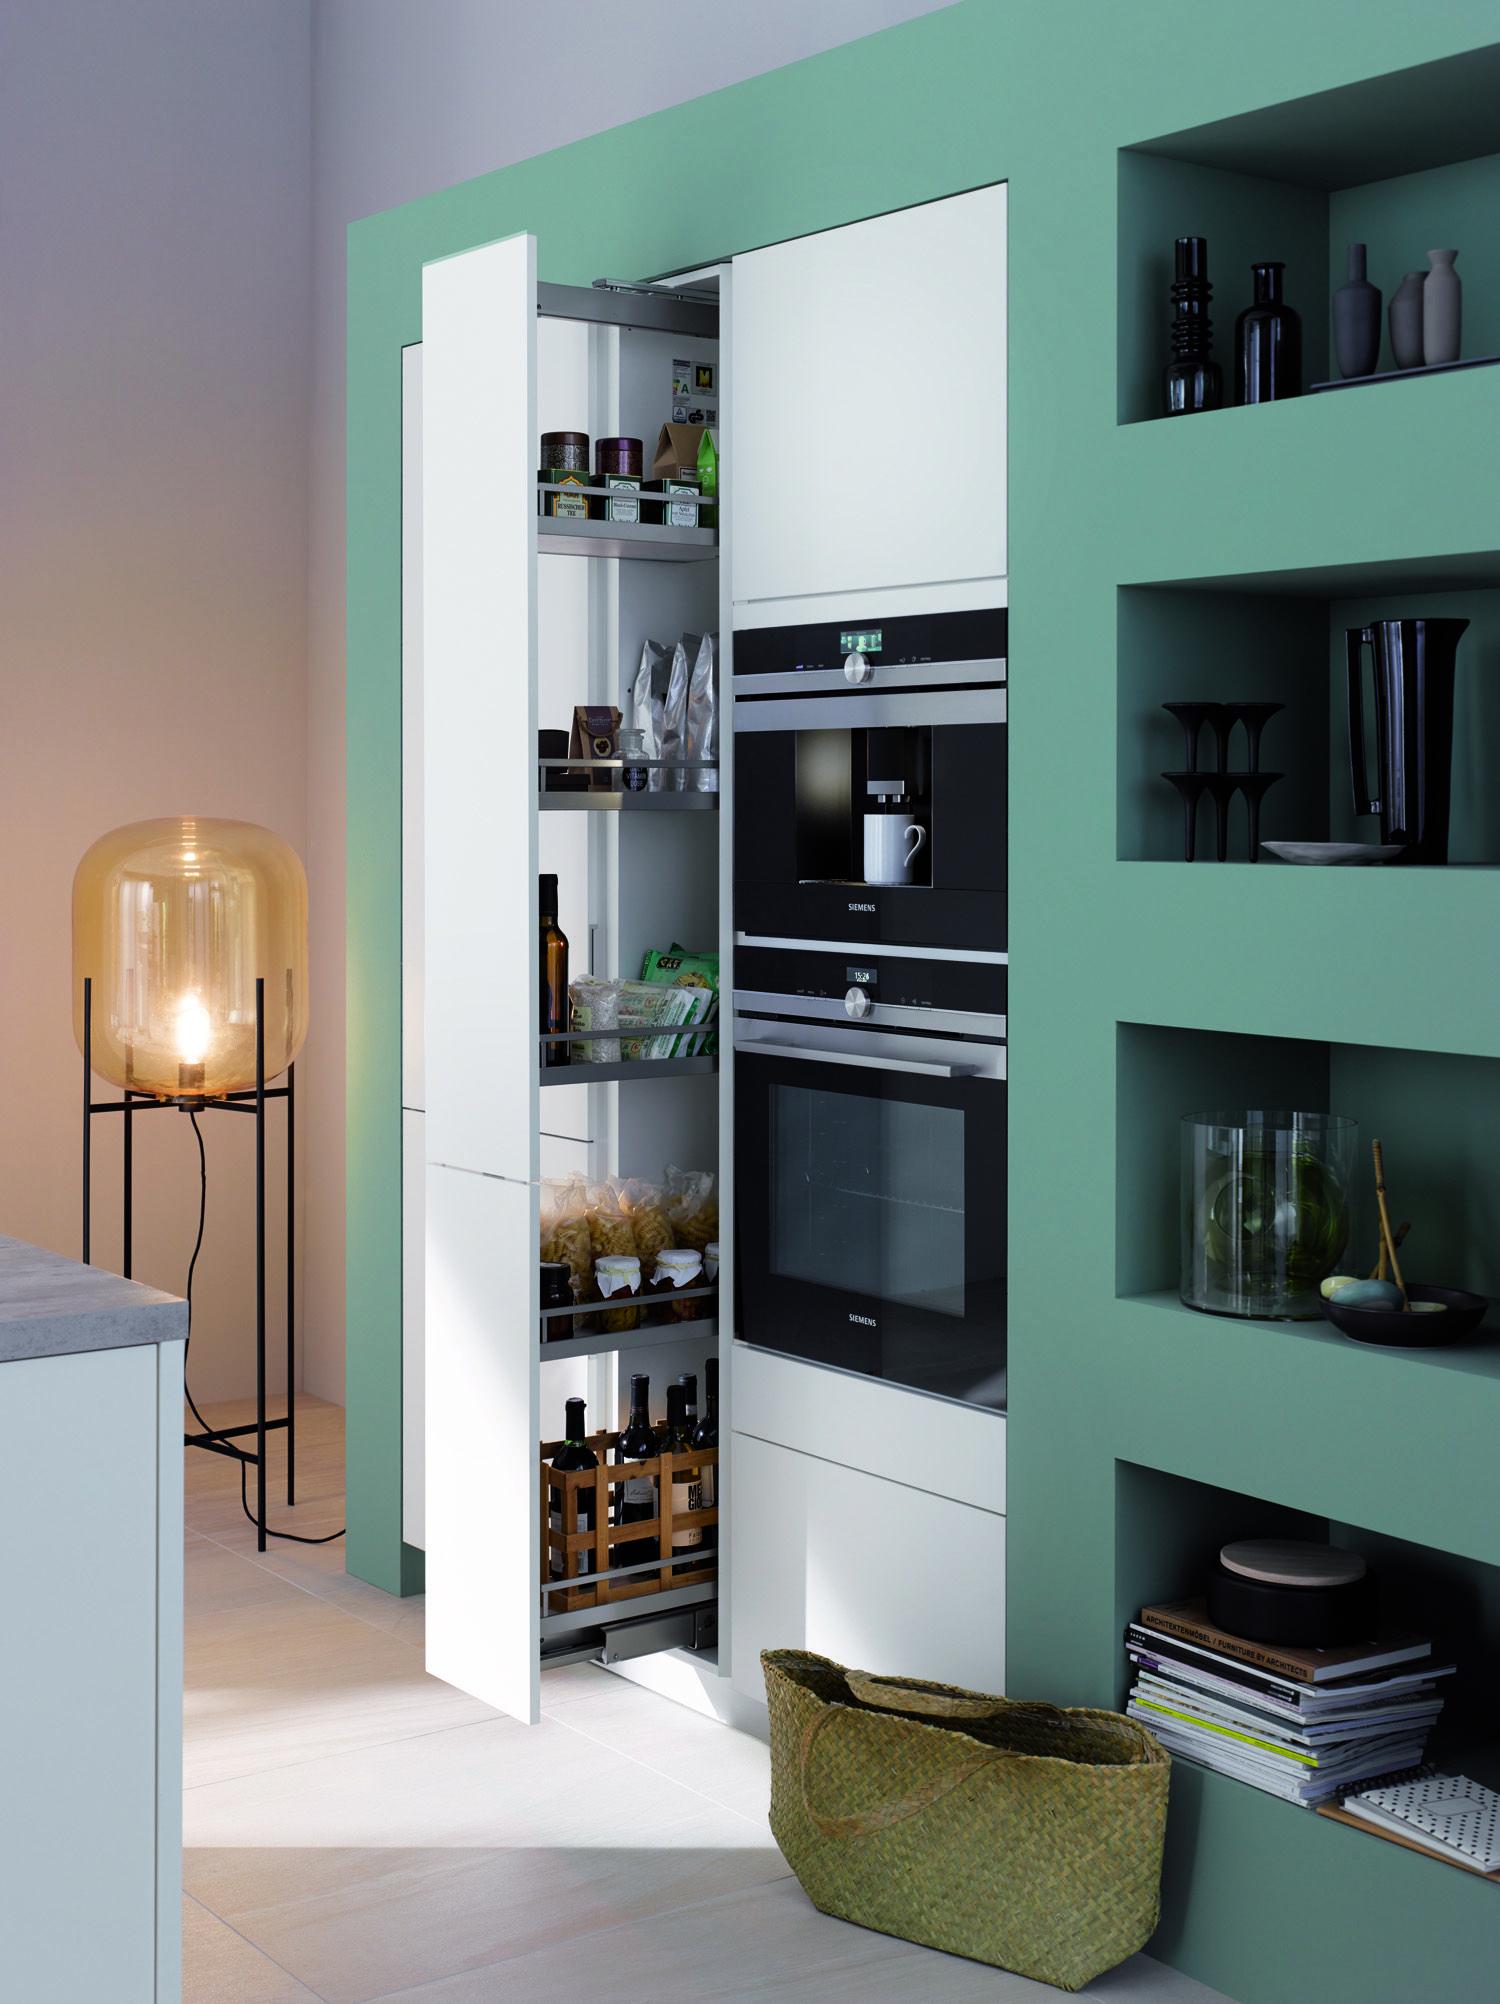 Turkis Weiss Kuche Moderne Minimal Kuche Und Wohnzimmer Mit